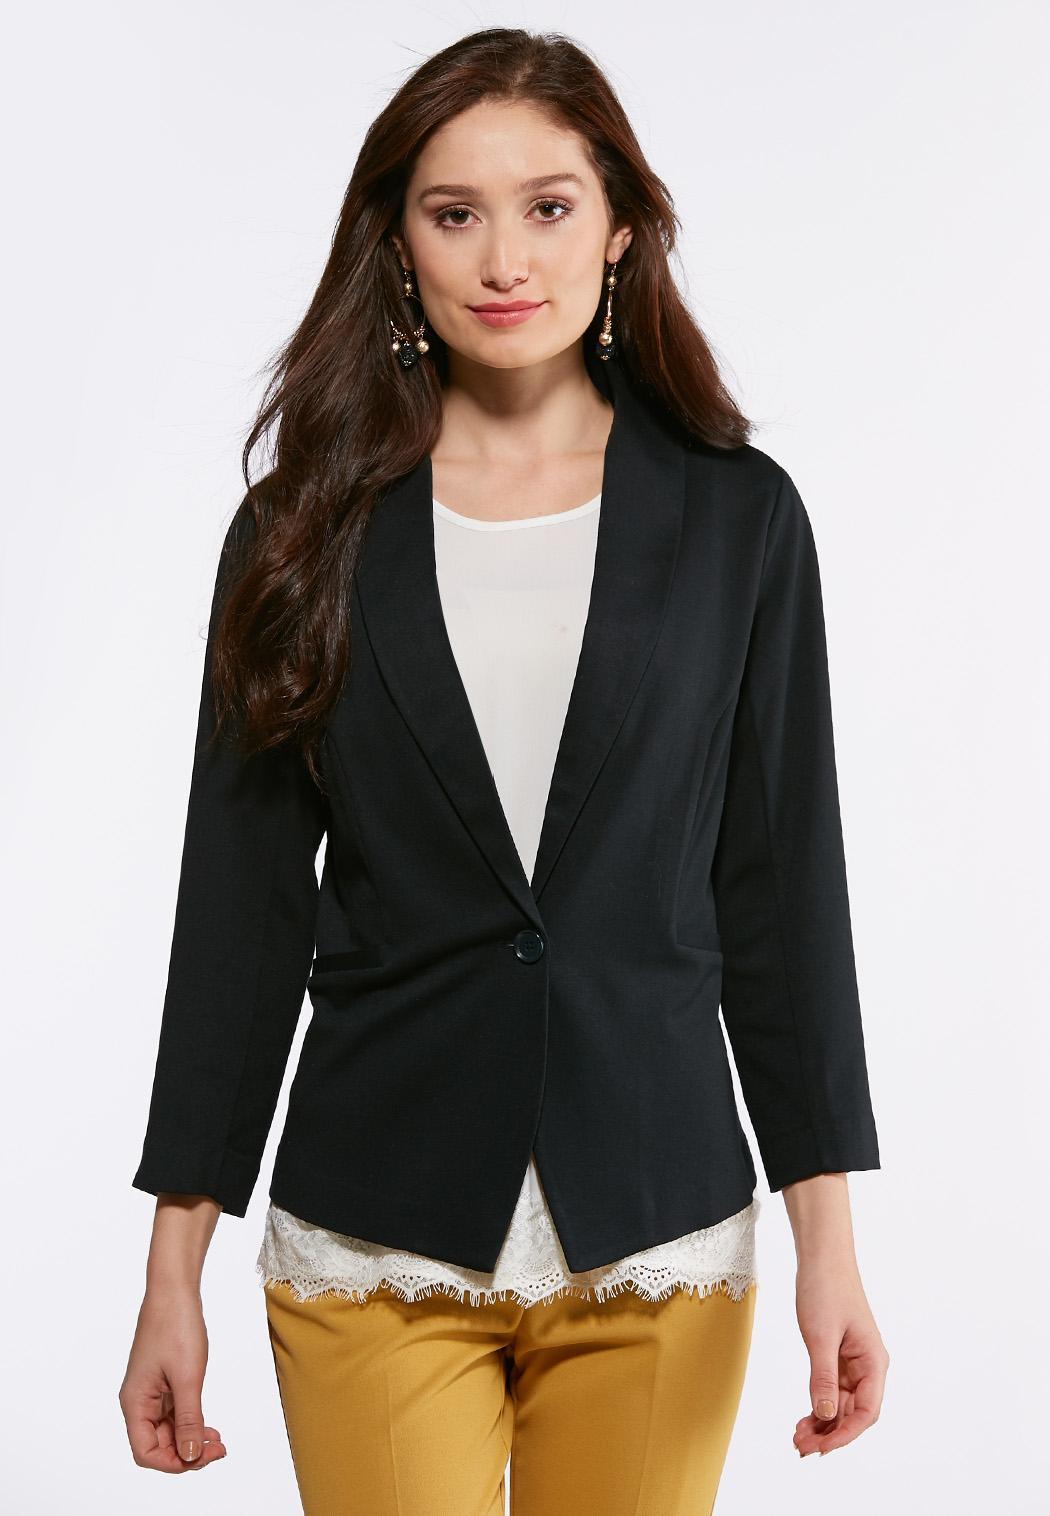 5fff1fadd7592 Women s Plus Size Fashion Jackets